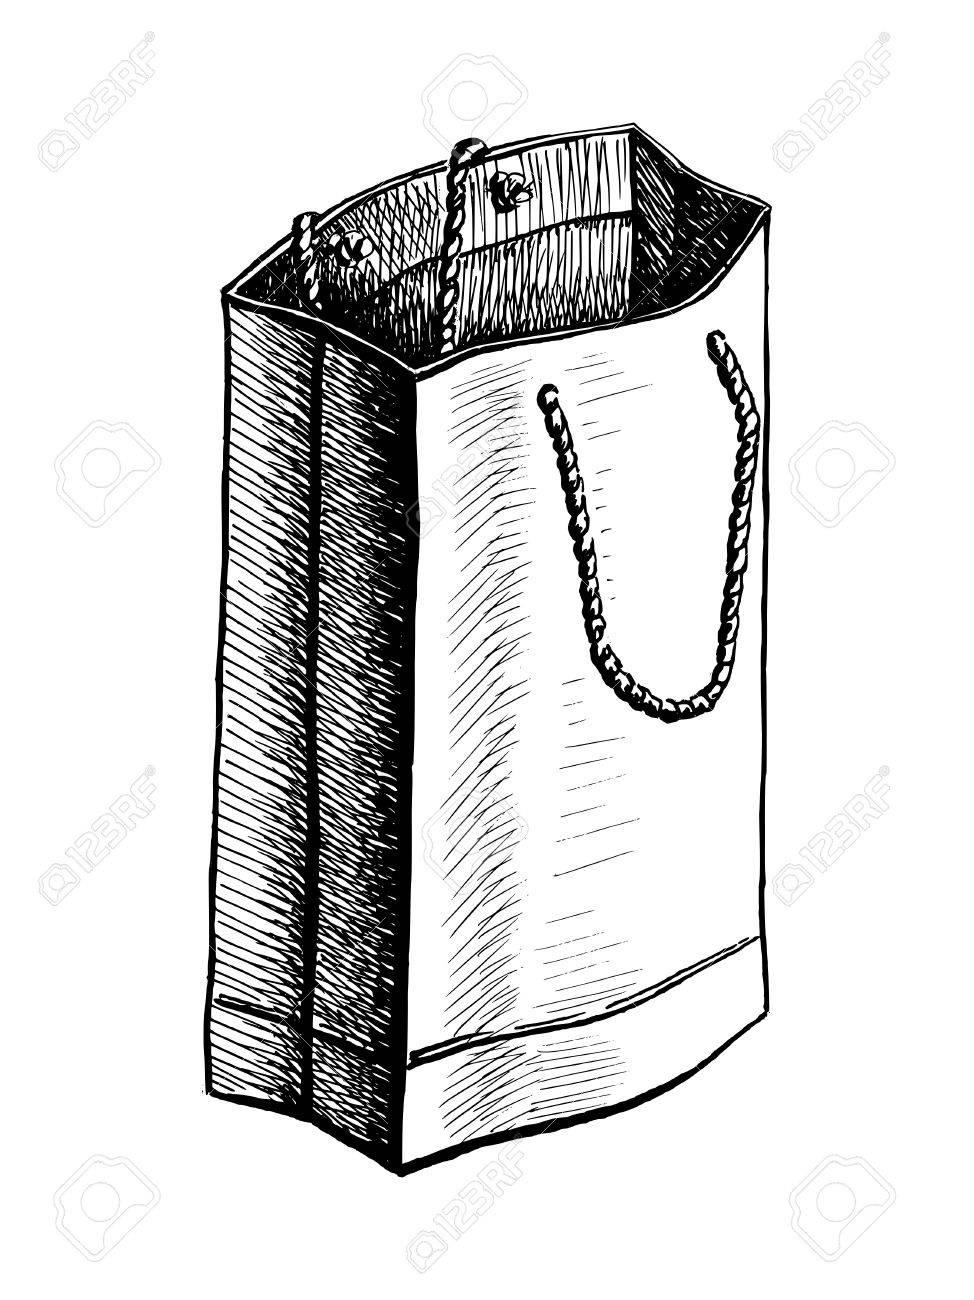 Paper bag sketch - Vector Hand Drawn Vector Sketch Illustration Of Paper Bag